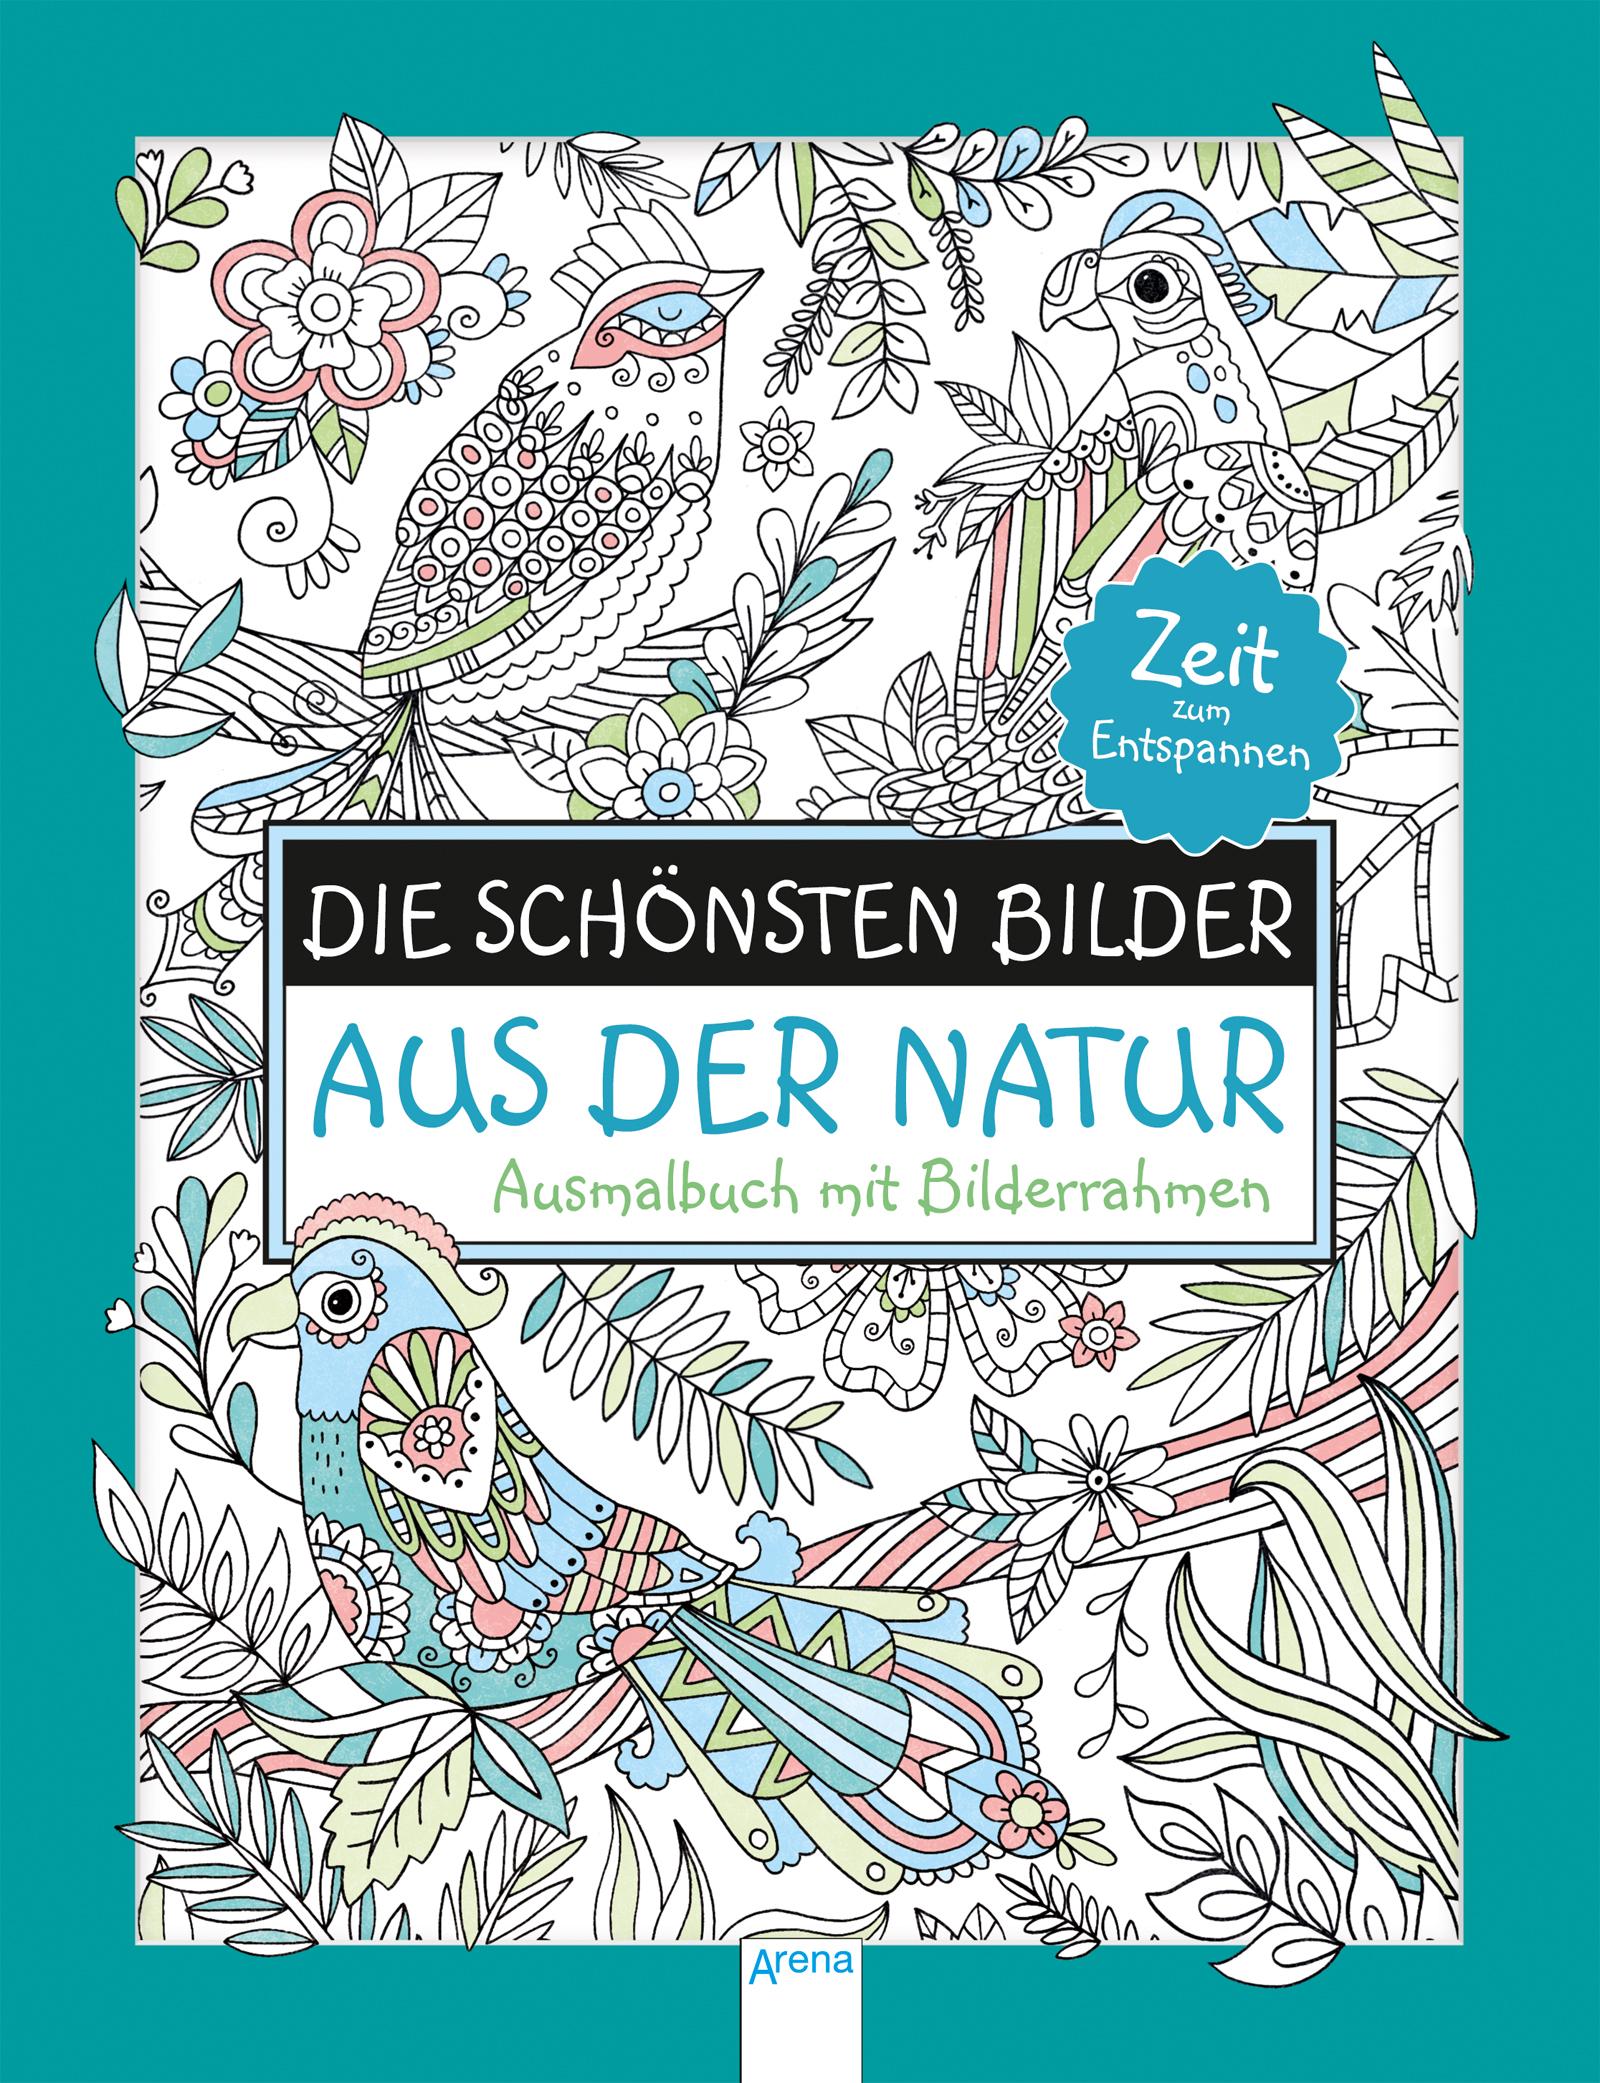 Die schönsten Bilder aus der Natur. Ausmalbuch mit Bilderrahmen ...